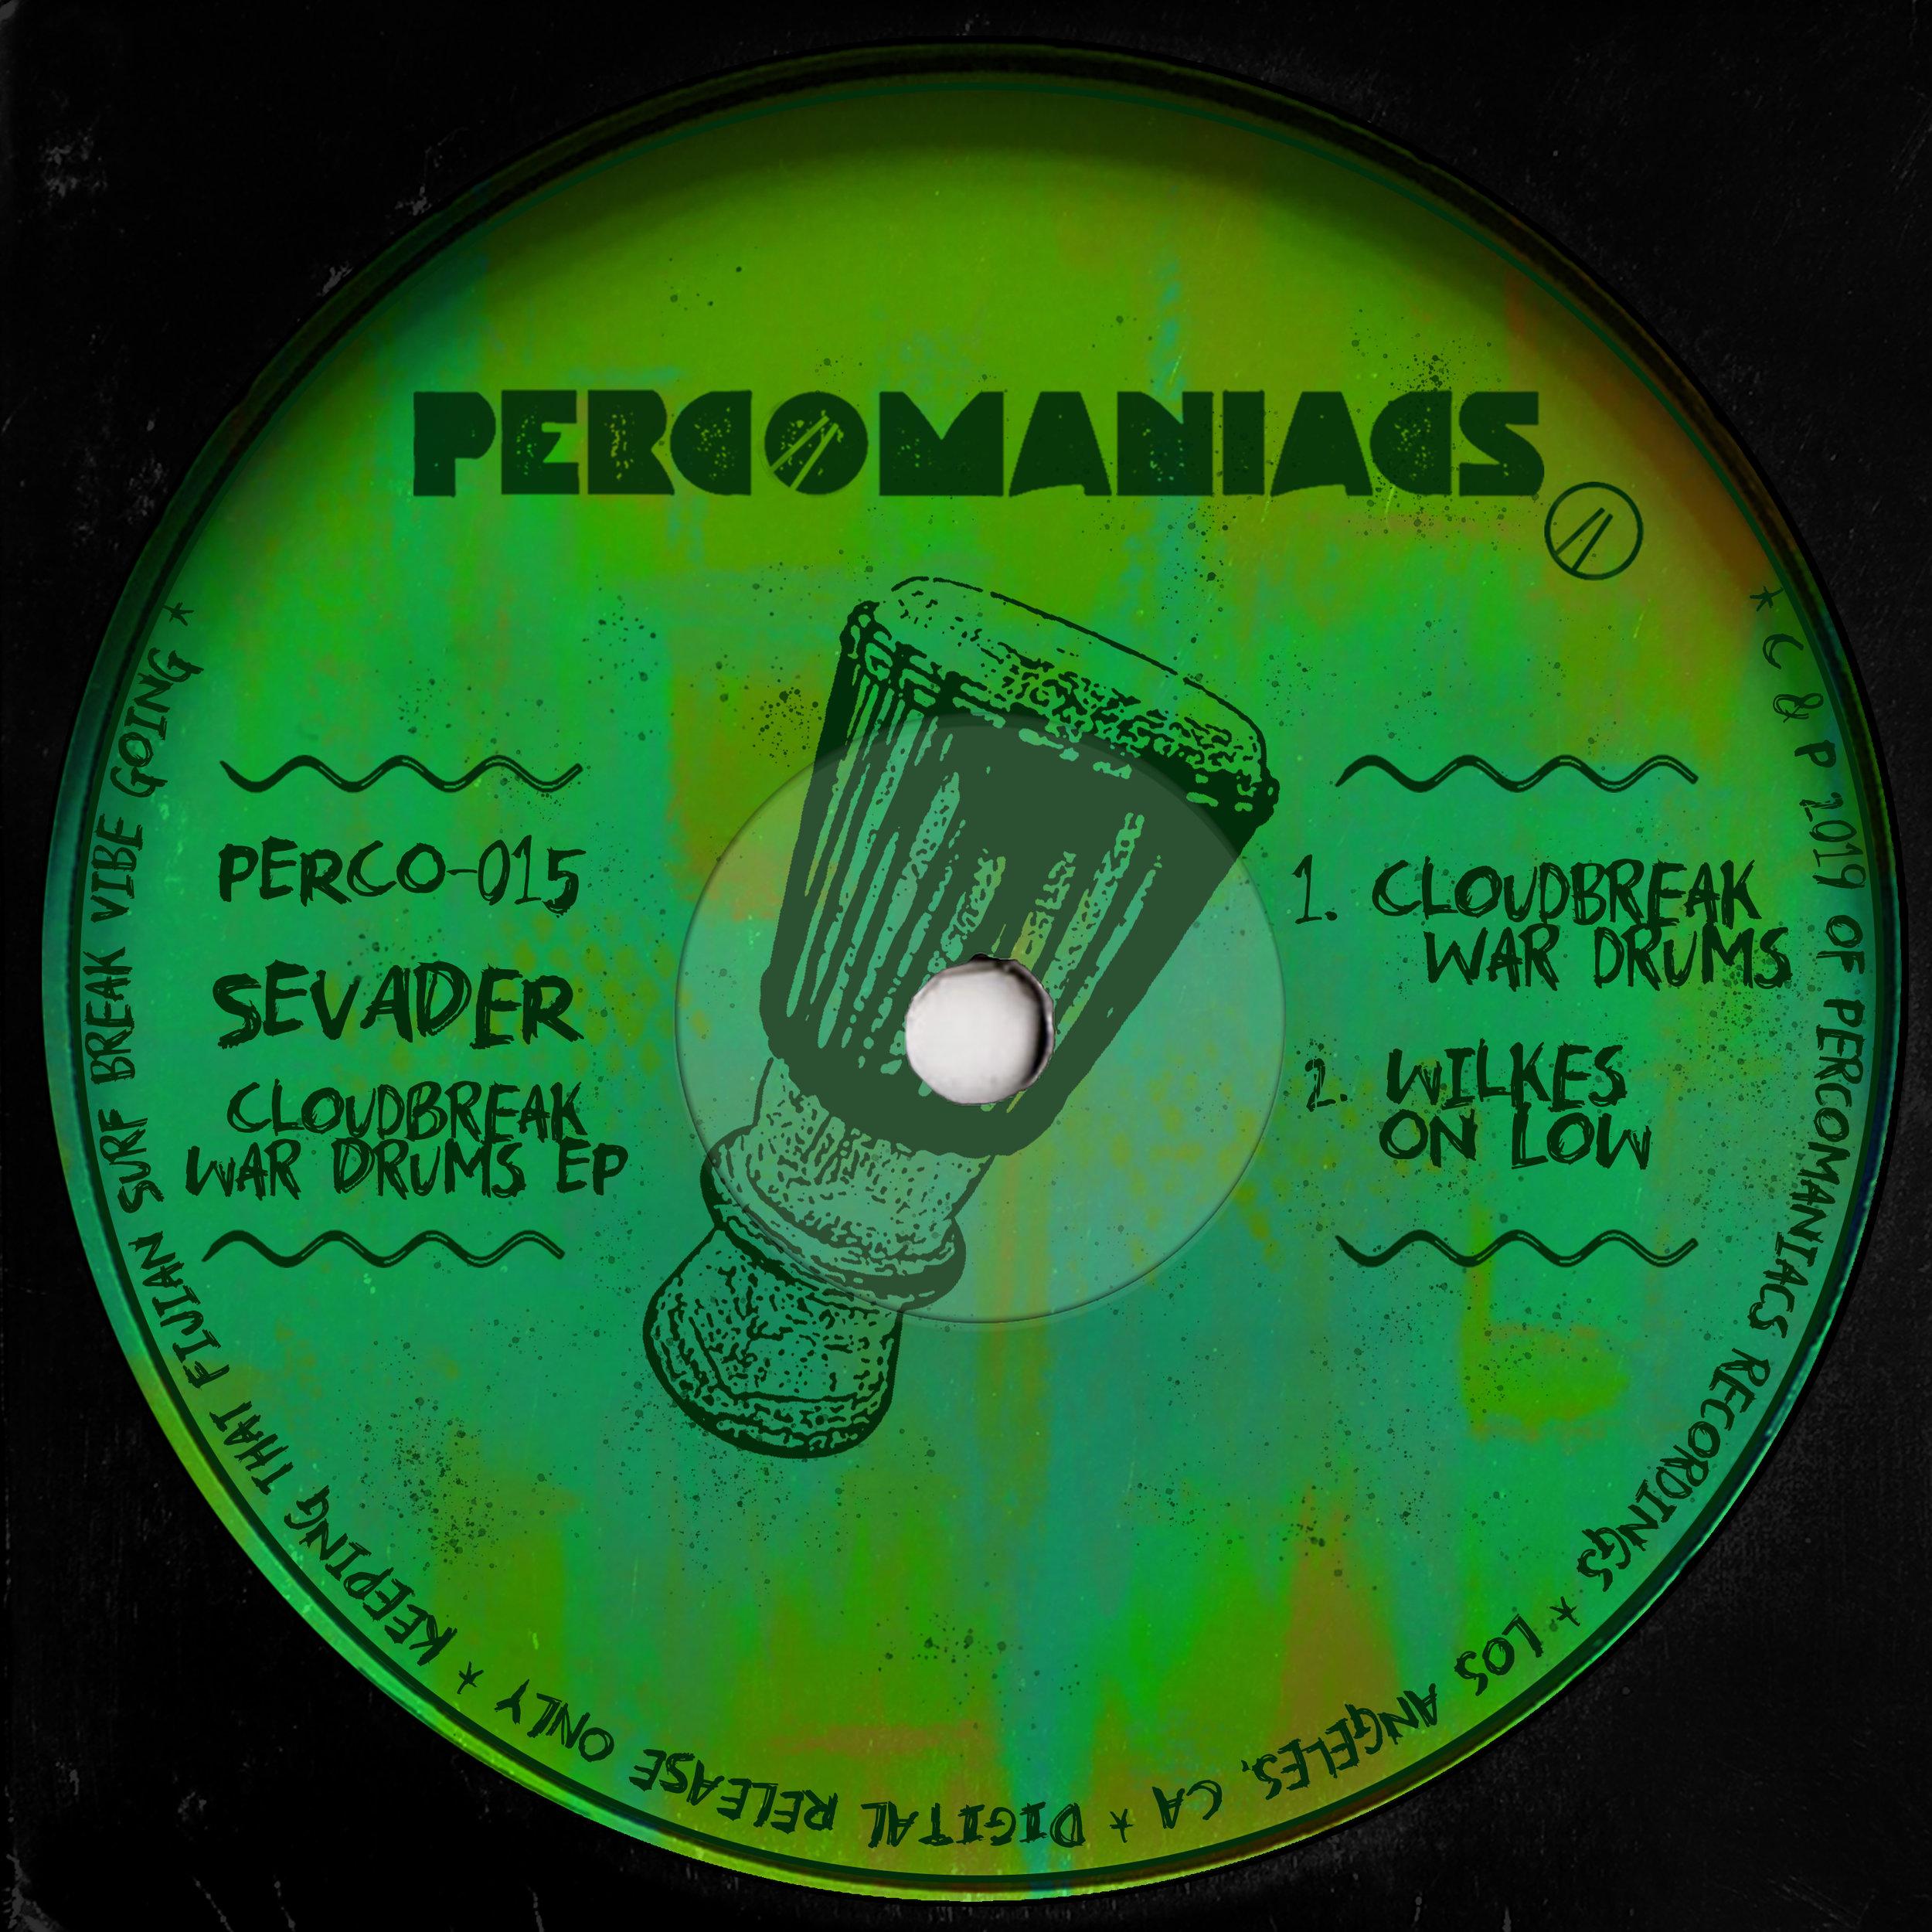 PERCO015 - SEVADER - CLOUDBREAK WAR DRUMS EP